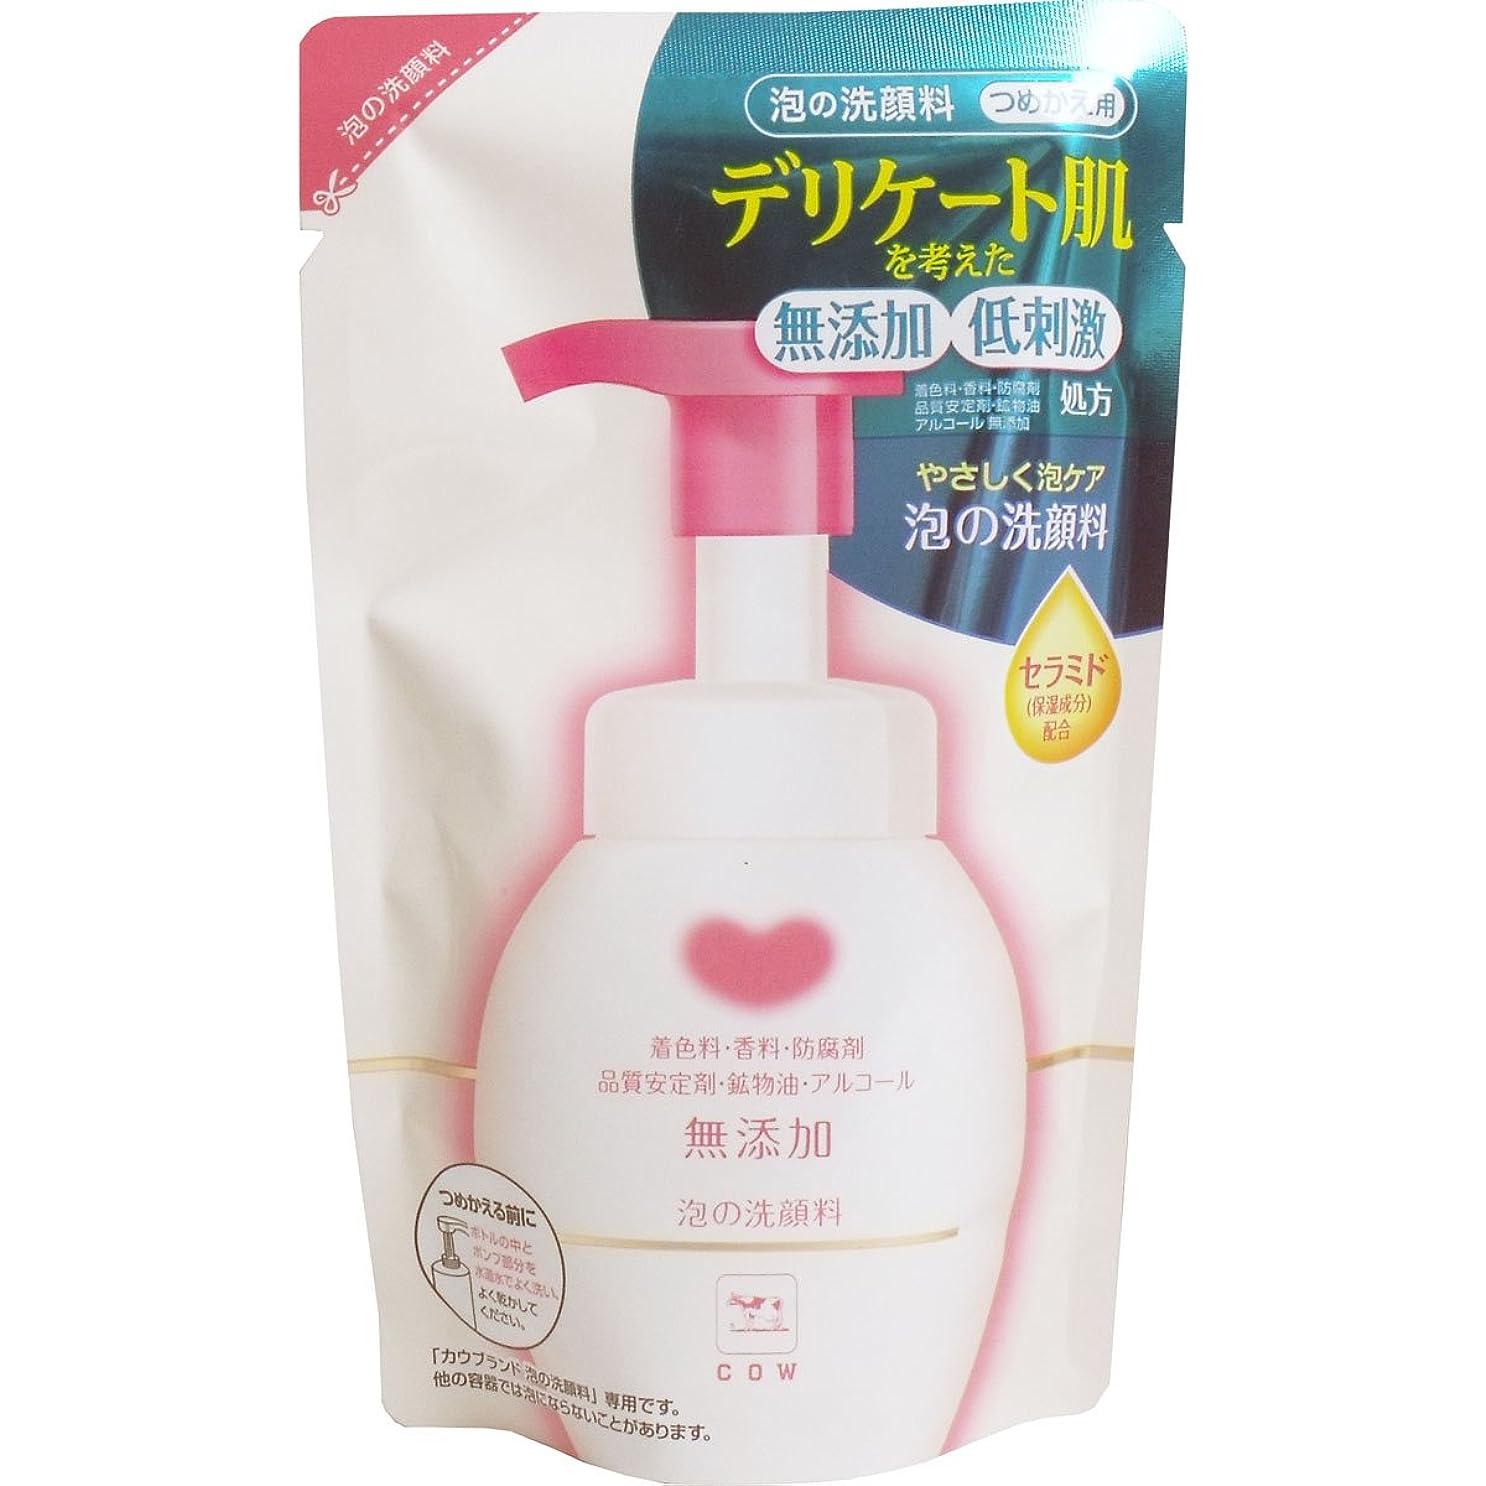 作成者ショートミシン目【まとめ買い】カウブランド 無添加泡の洗顔料 詰替用 180ML ×2セット